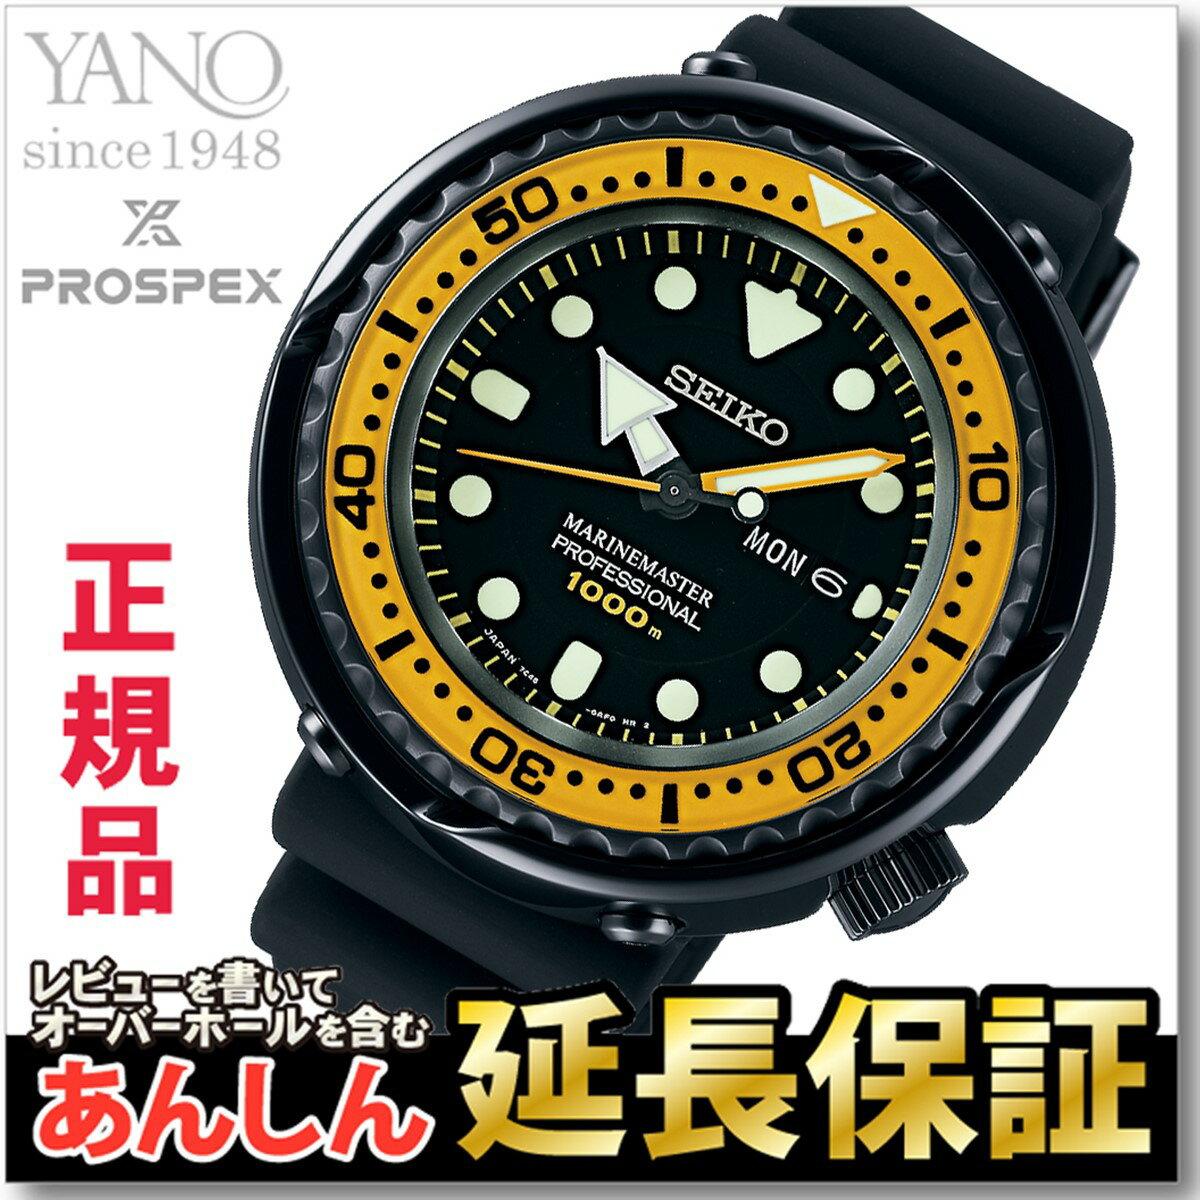 セイコー プロスペックス SEIKO PROSPEX マリーンマスター プロフェッショナル 腕時計 メンズ ダイバーズウォッチ SBBN027【正規品】【RCP】【1507】_10spl【店頭受取対応商品】